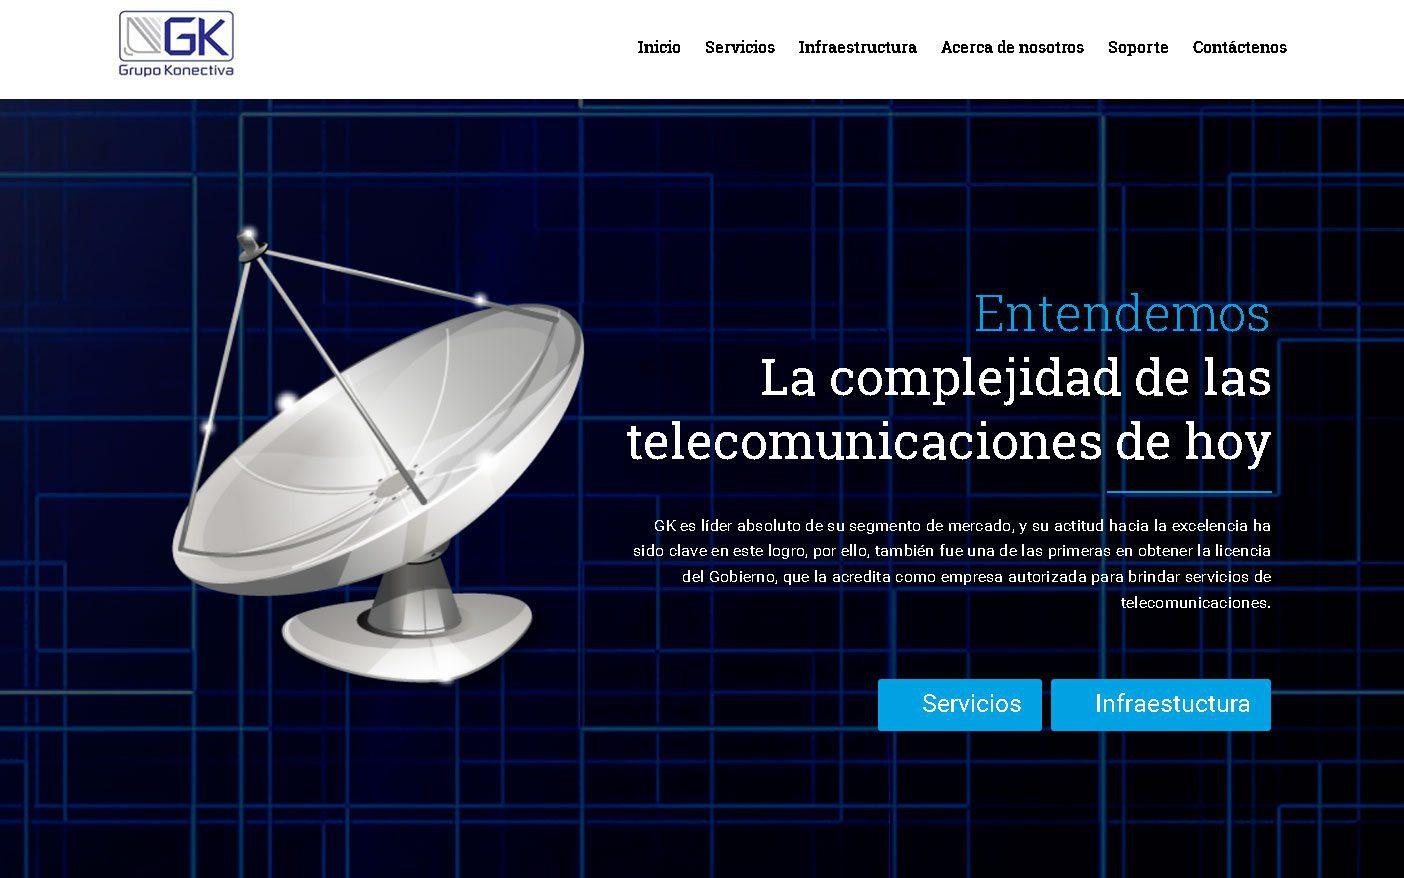 Grupo Konectiva Costa Rica